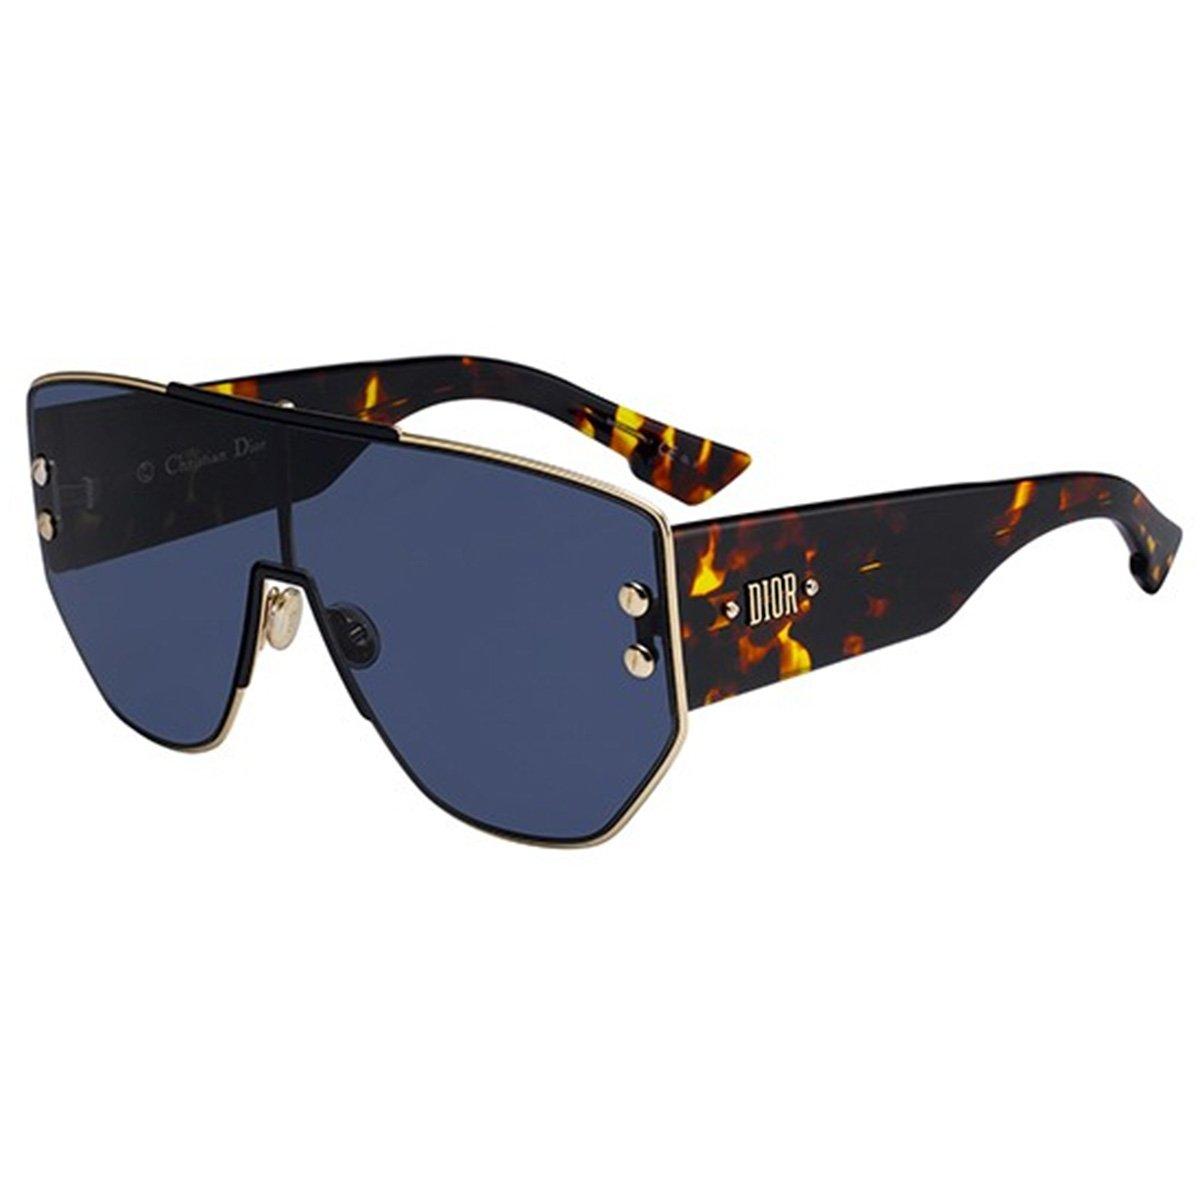 ff12da2d206cd Compre Óculos de Sol Dior Addict 1 em 10X